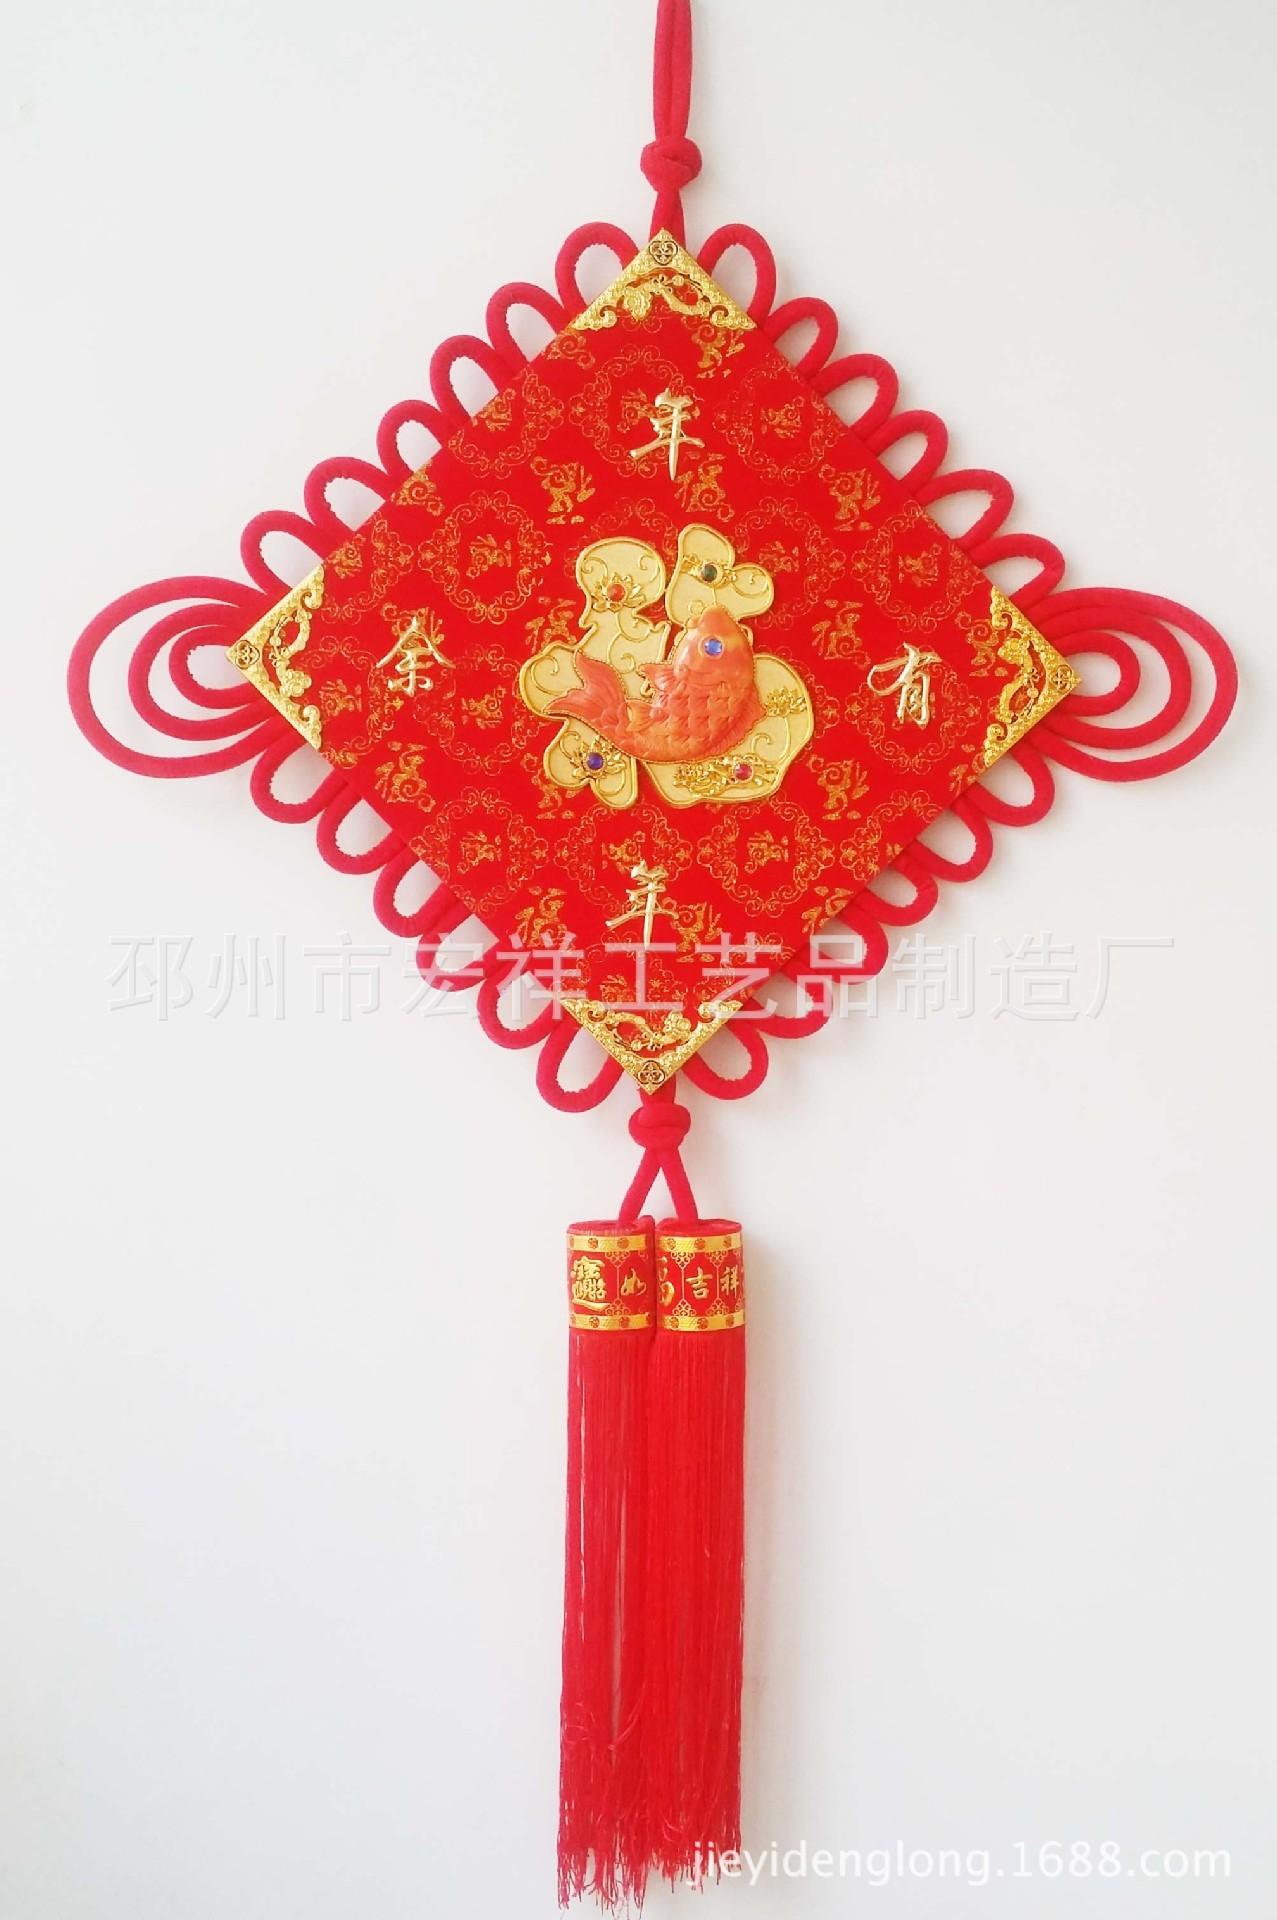 中国结厂家批 苹果福字大号中国结挂件 新款绒布板结批发 60#中国梦